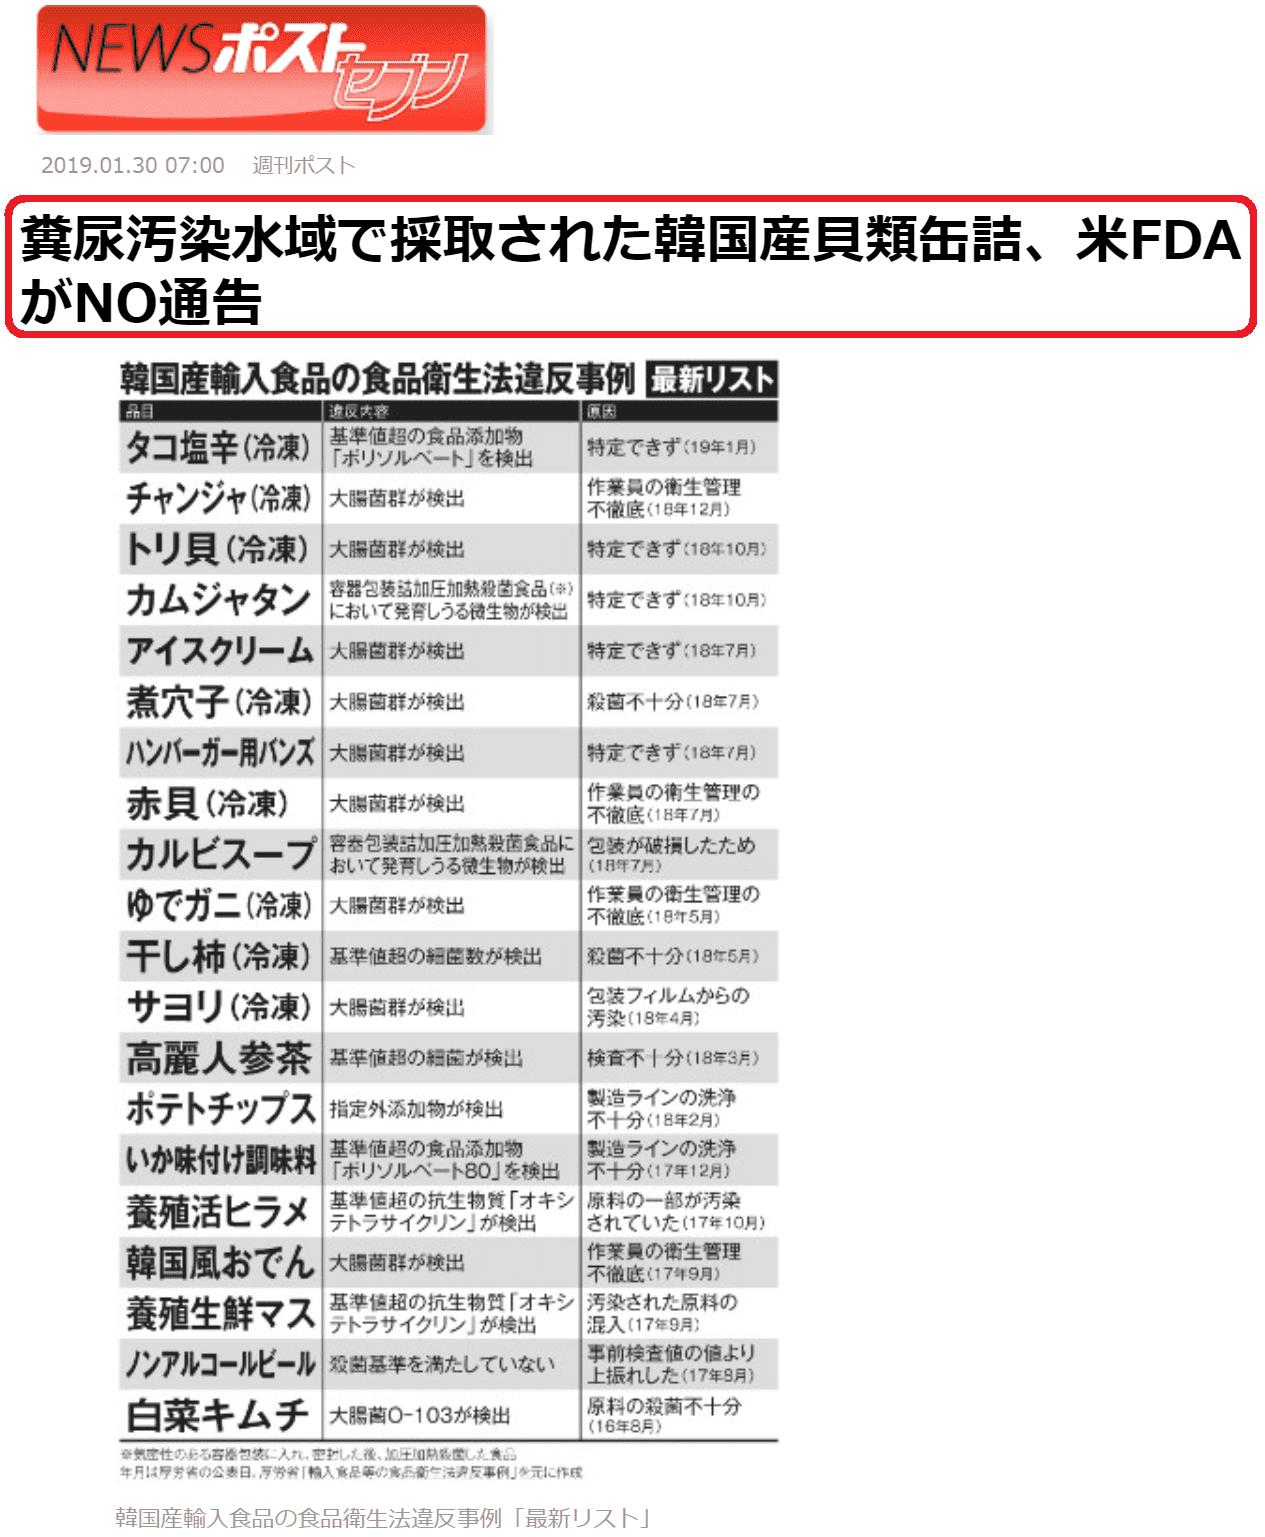 FDA「糞尿汚染された下朝鮮産海産物は人が食べるものではない」1_1